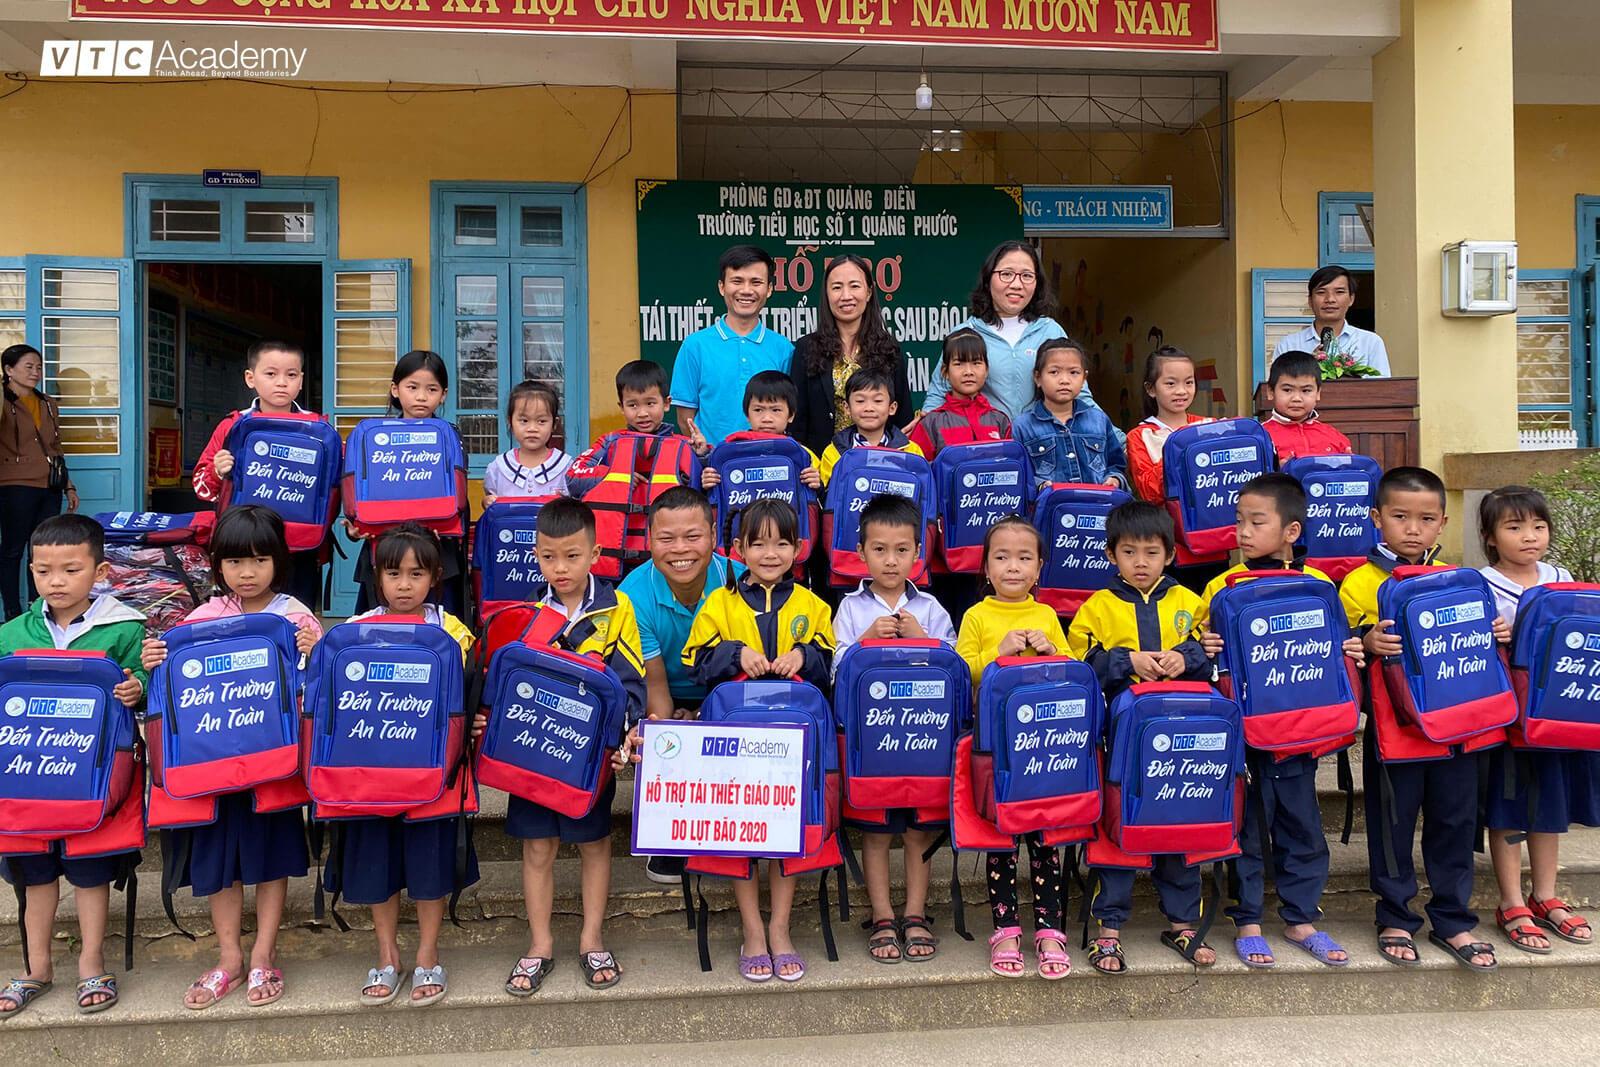 VTC Academy đóng góp cho hoạt động tái thiết và phát triển giáo dục sau thiên tai tại Thừa Thiên Huế